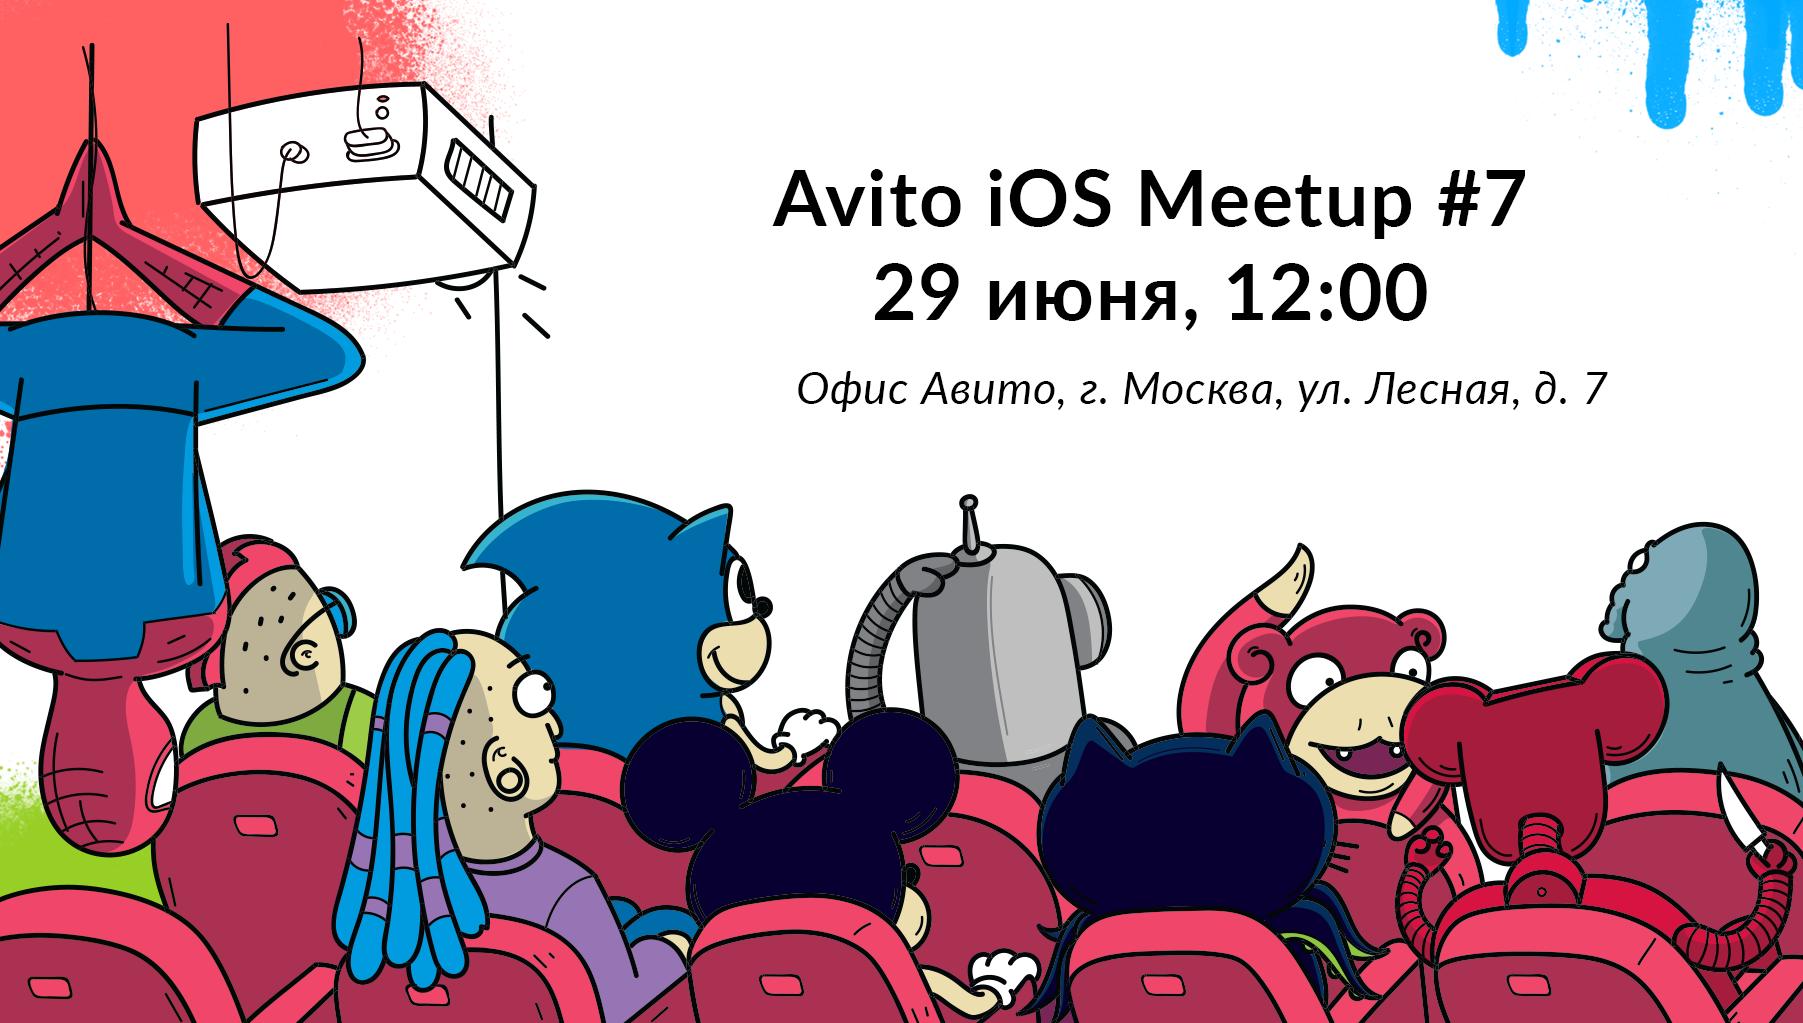 Аvito iOS Meetup #7